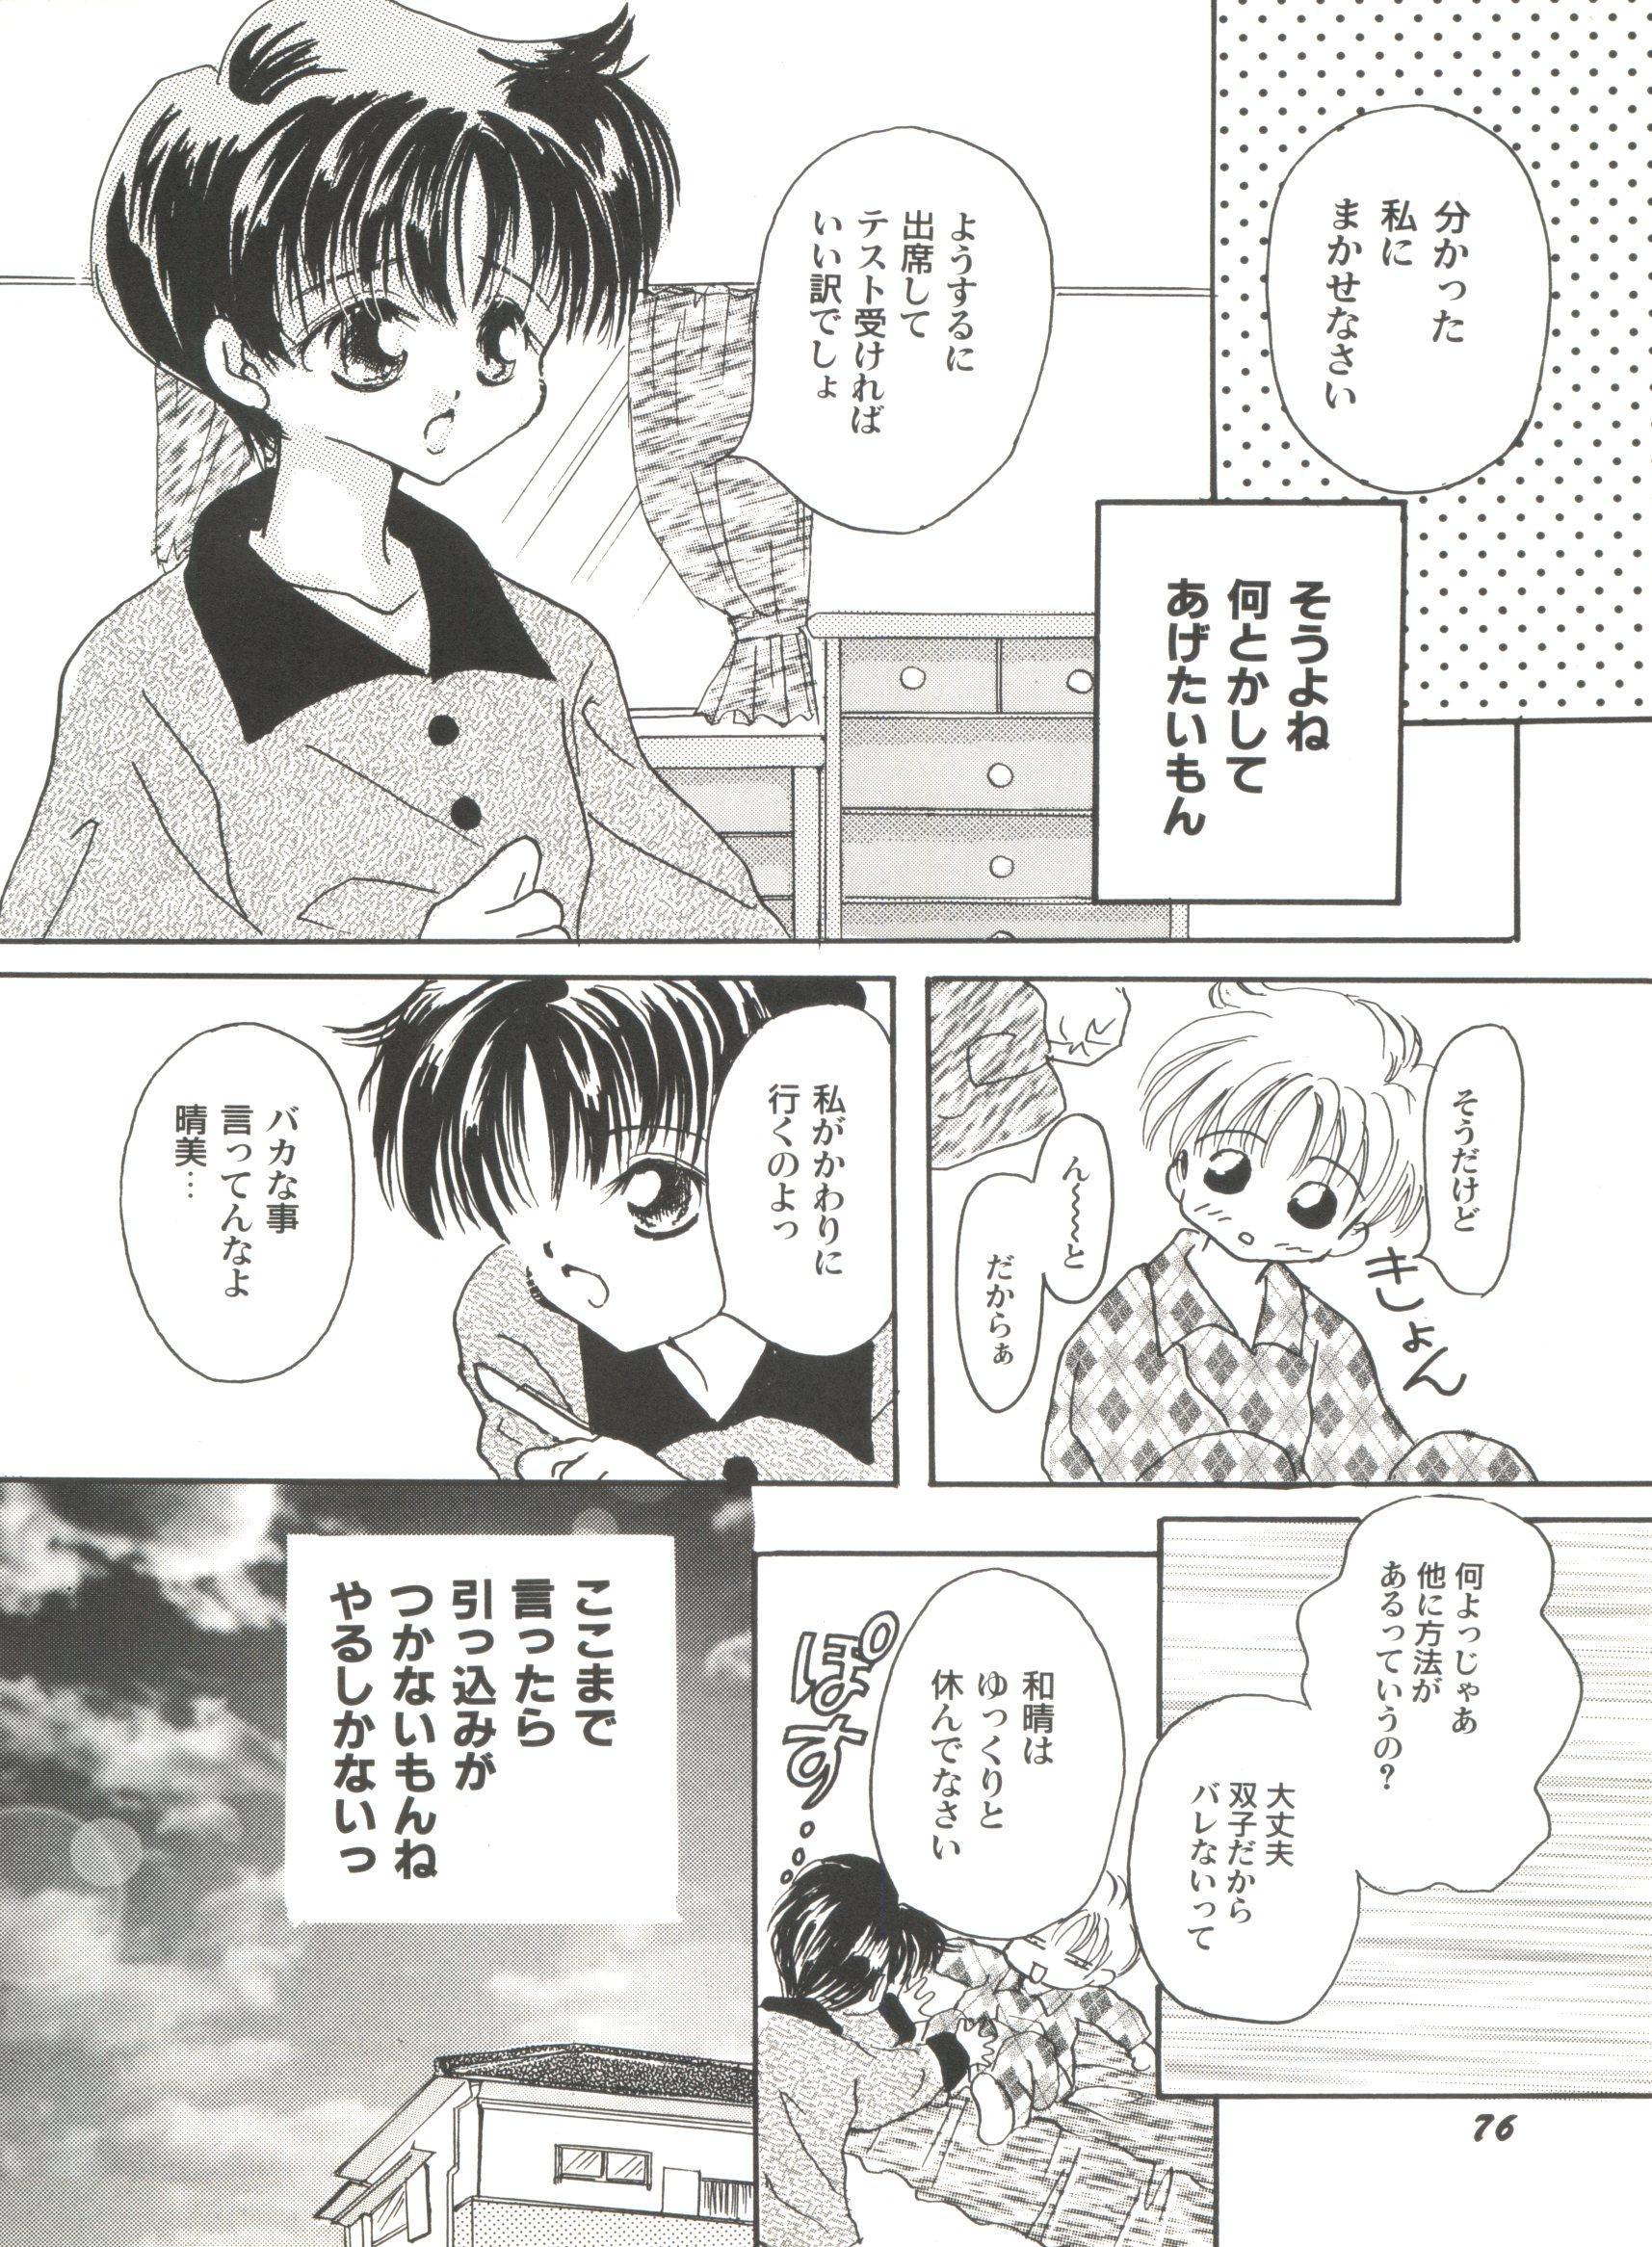 Bishoujo Doujinshi Anthology Cute 4 77